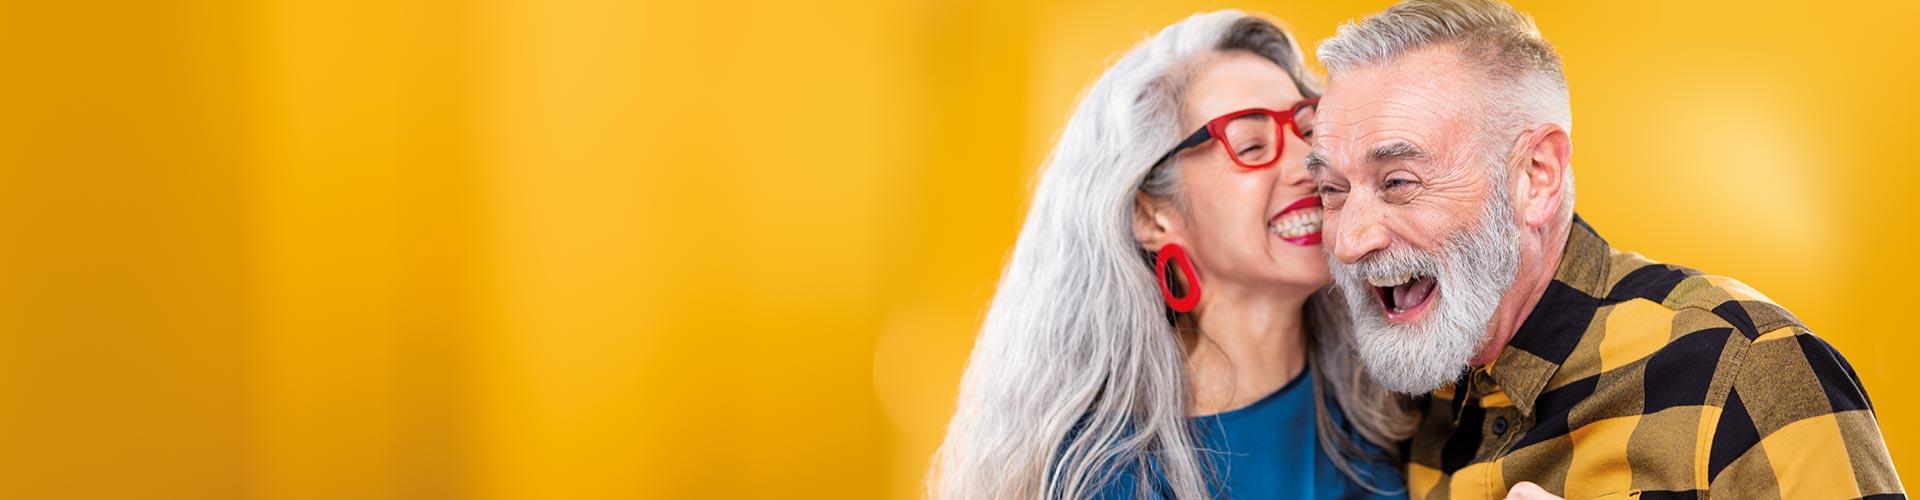 Een vrouw van middelbare leeftijd omhelst een vriend en fluistert met hem. Hij draagt Philips HearLink oplaadbare hoortoestellen.